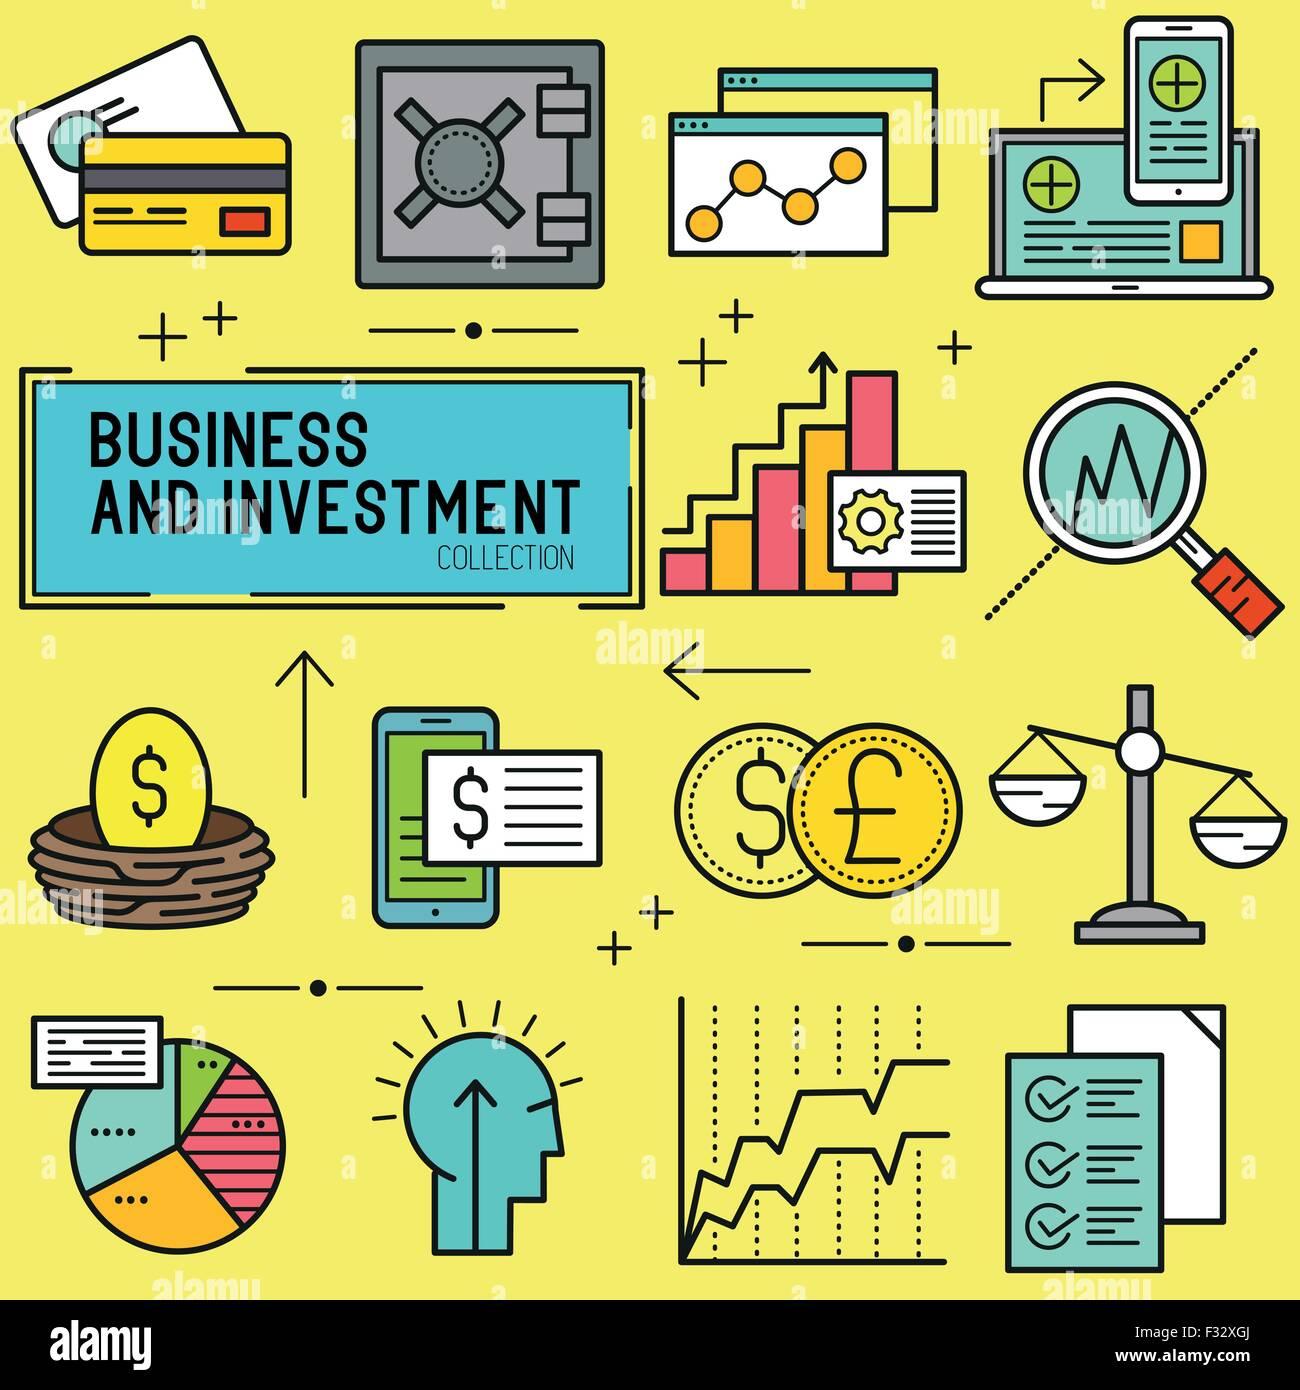 Inversión y Negocios de Vector. Una colección de temas empresariales y financieros los iconos de línea Imagen De Stock